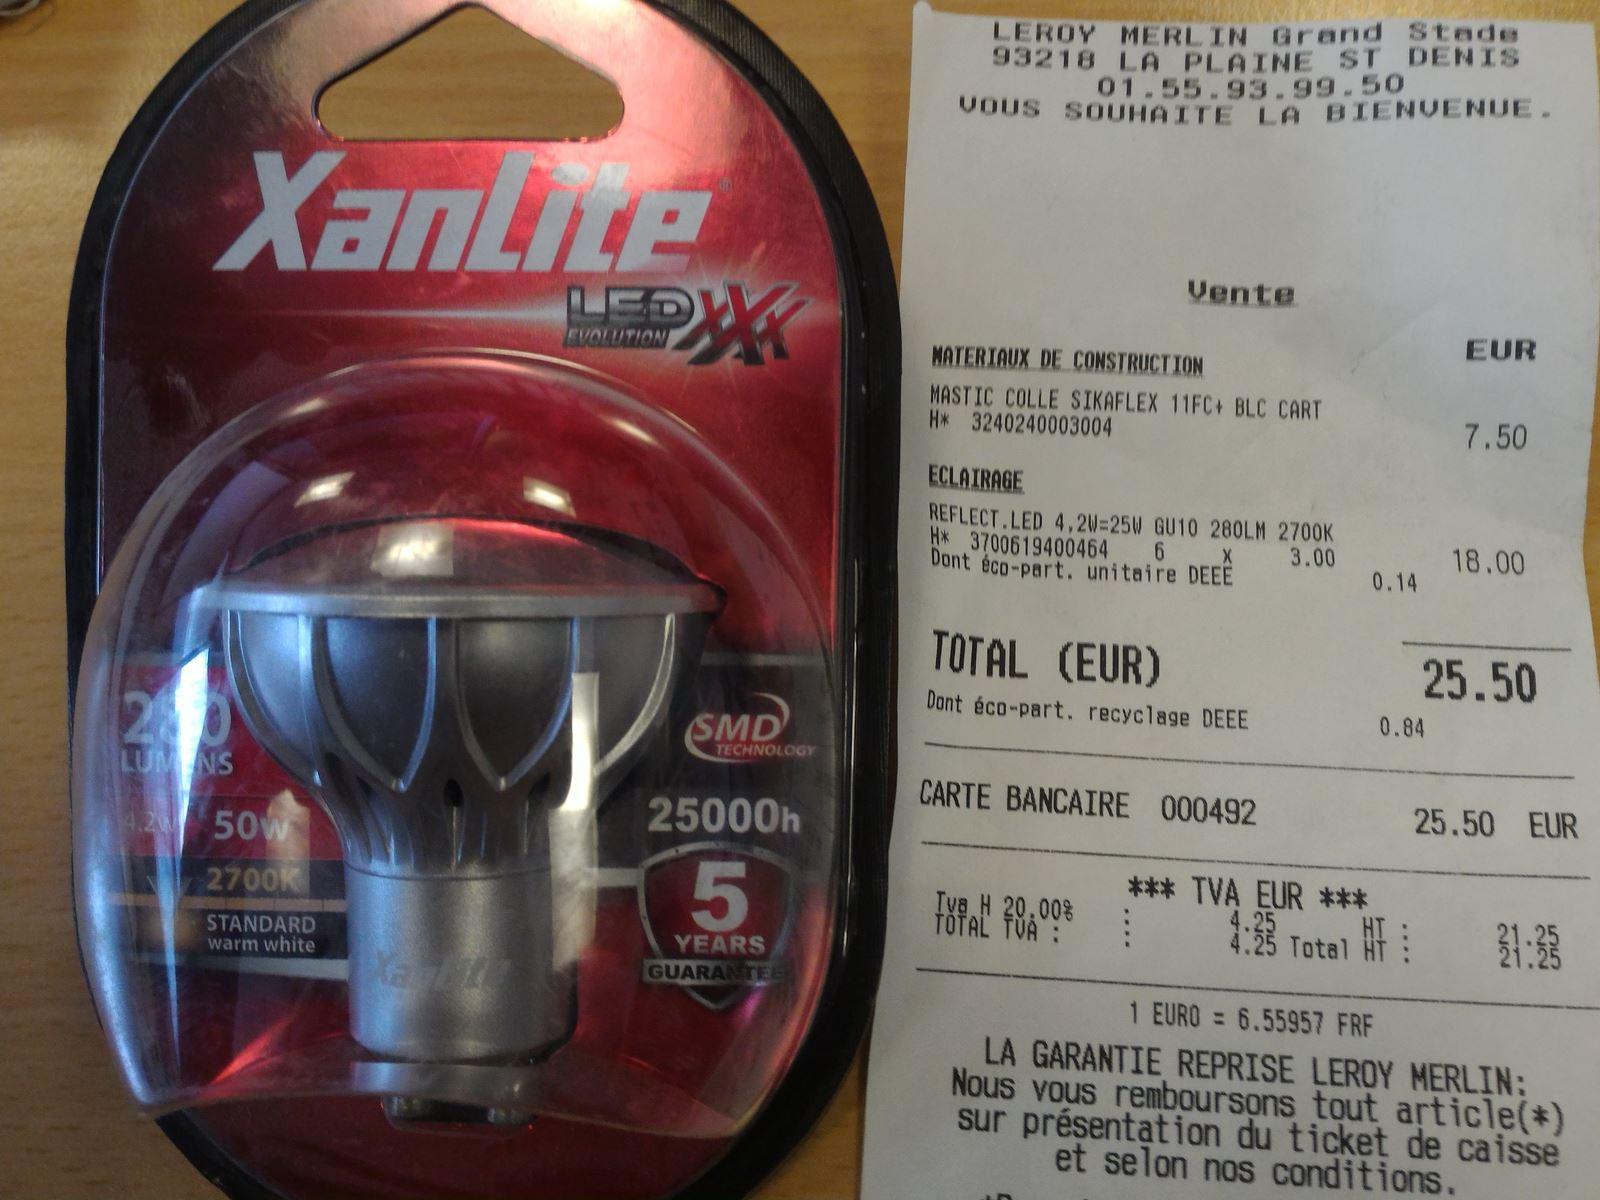 Ampoule GU10 LED Xanlite 4,2W (équivalent 50W) - garantie 5 ans